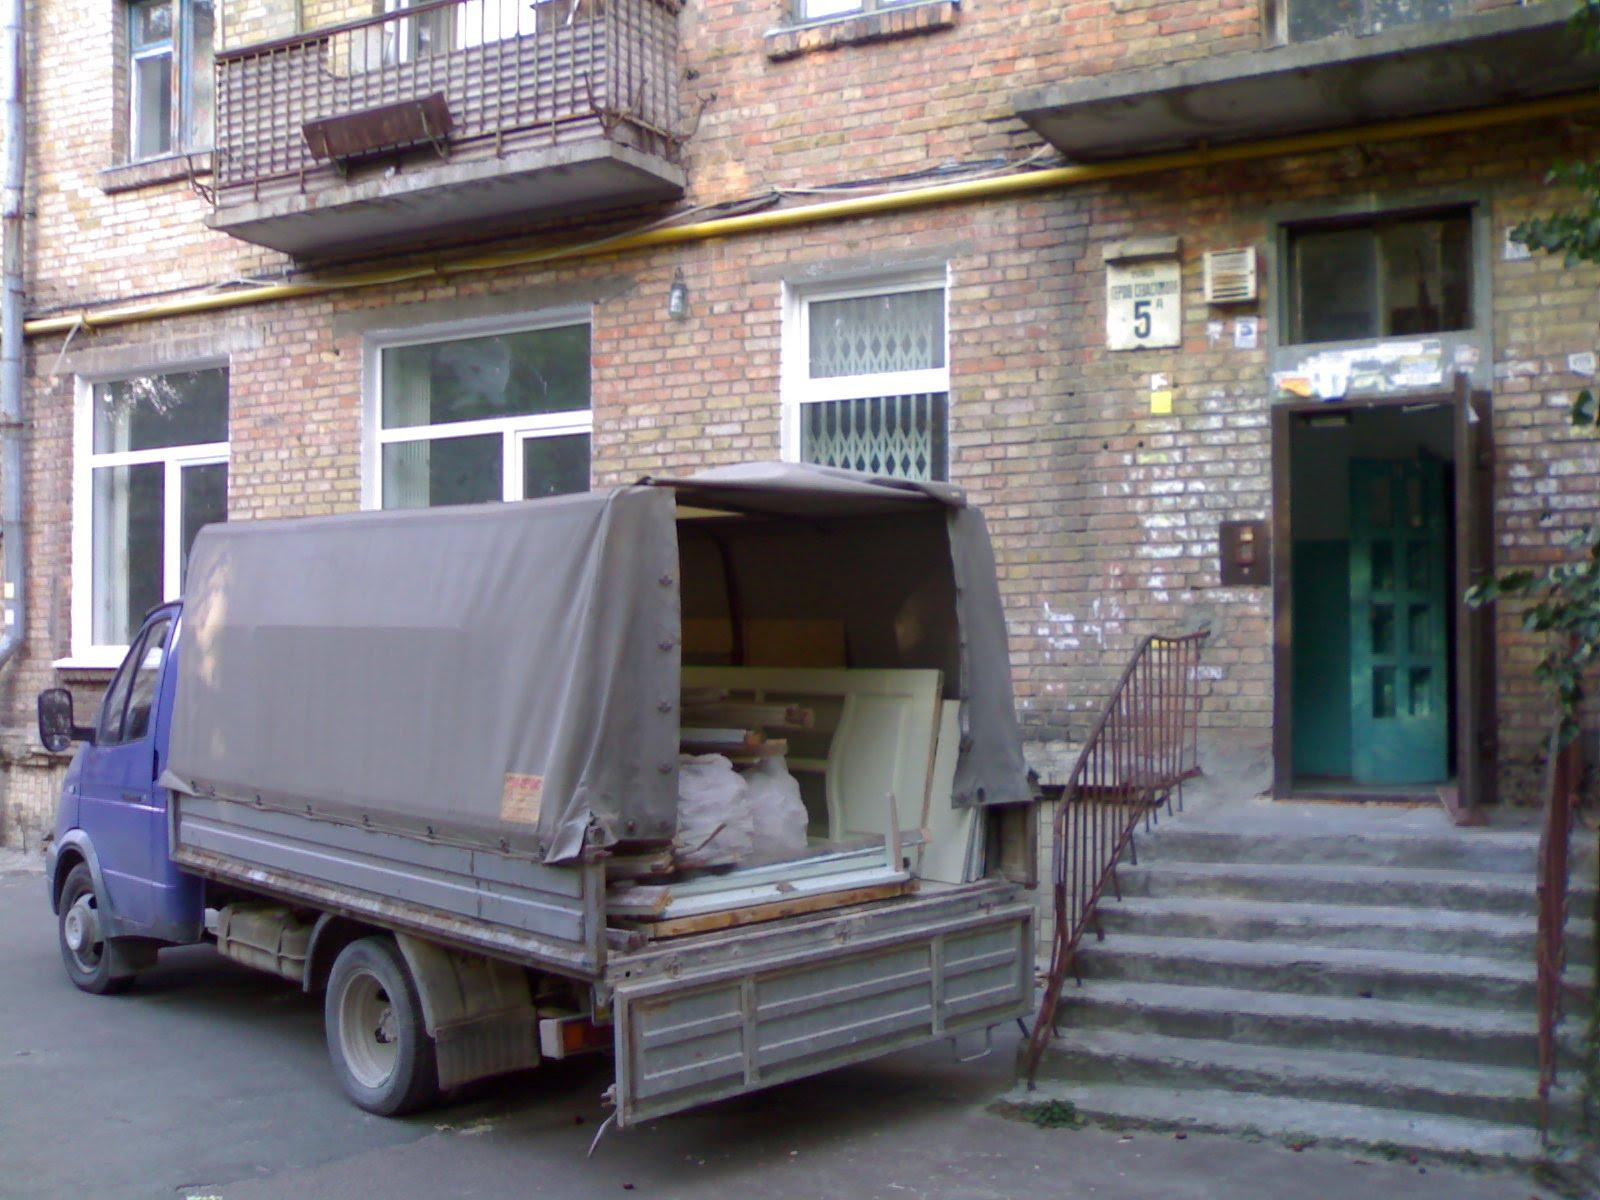 Заказать контейнер для вывоза мусора в москве дешево 8